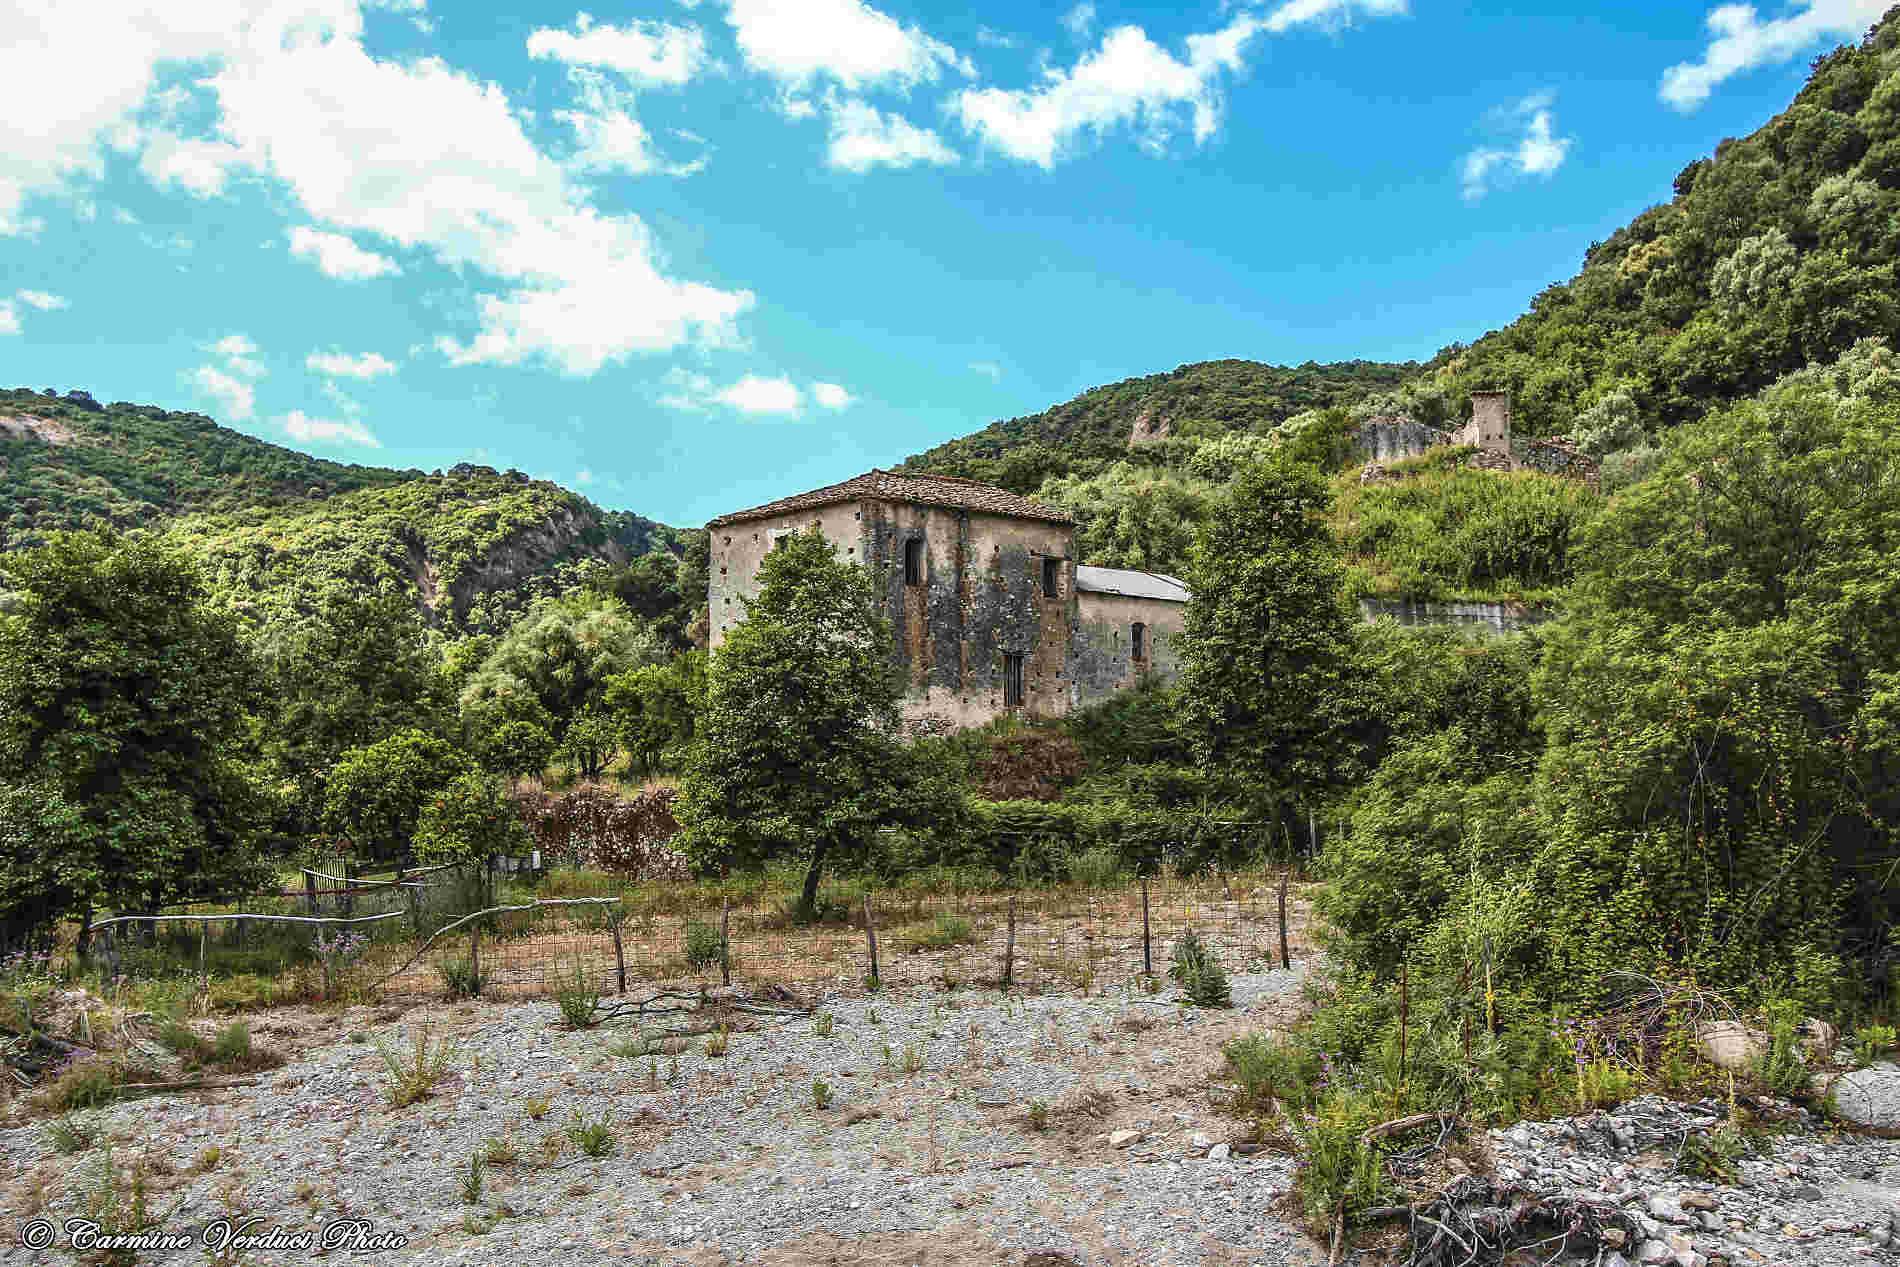 Località Badia nei dintorni del Borgo di Staiti